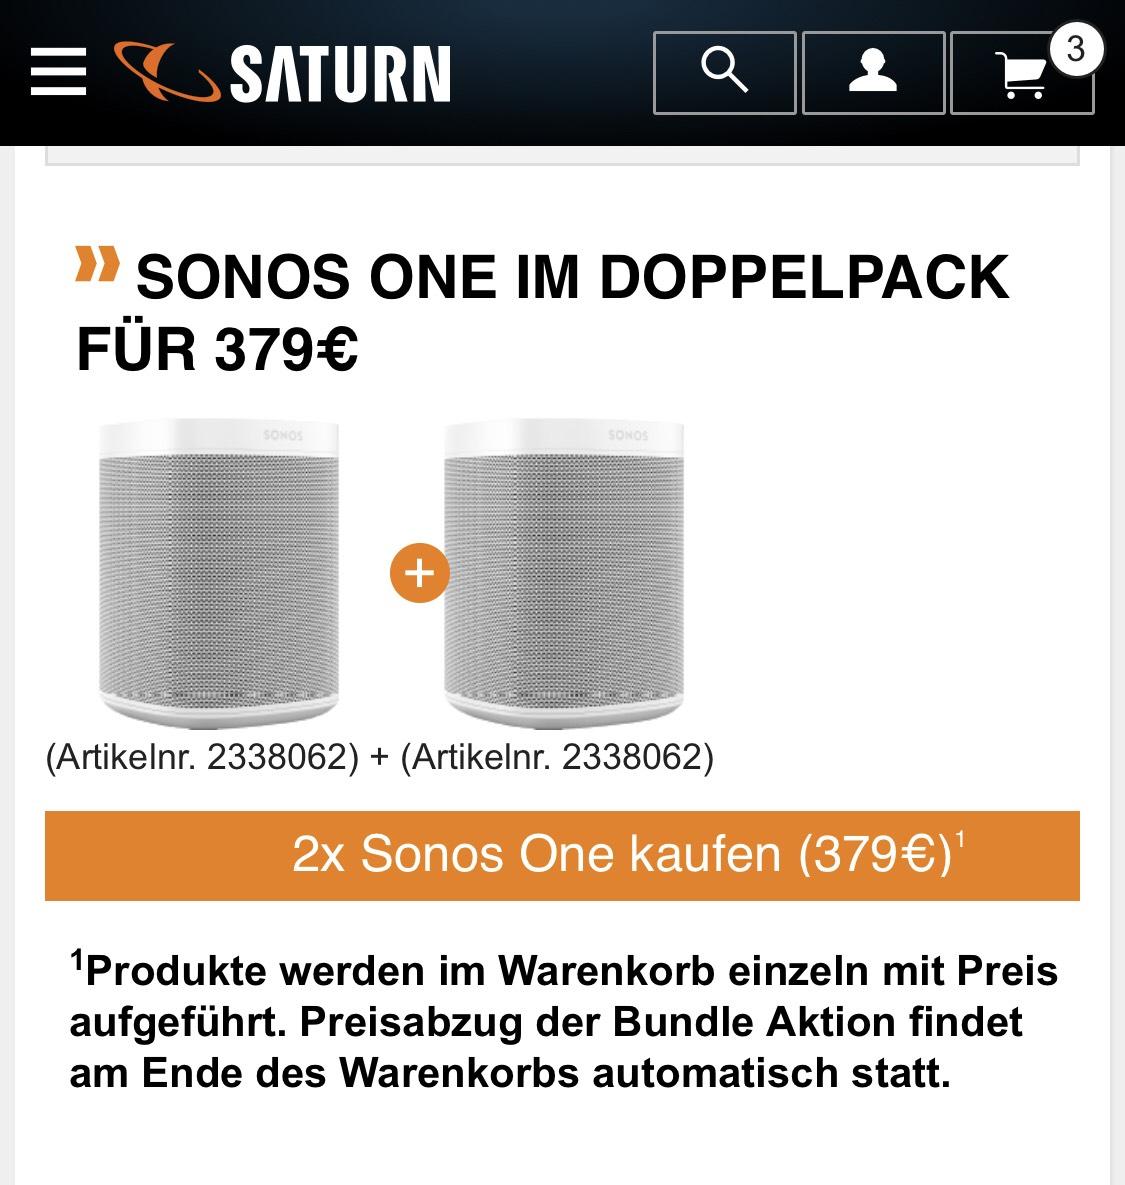 Sonos One Stereo Paar Lautsprecher bei Saturn, Media Markt und Amazon